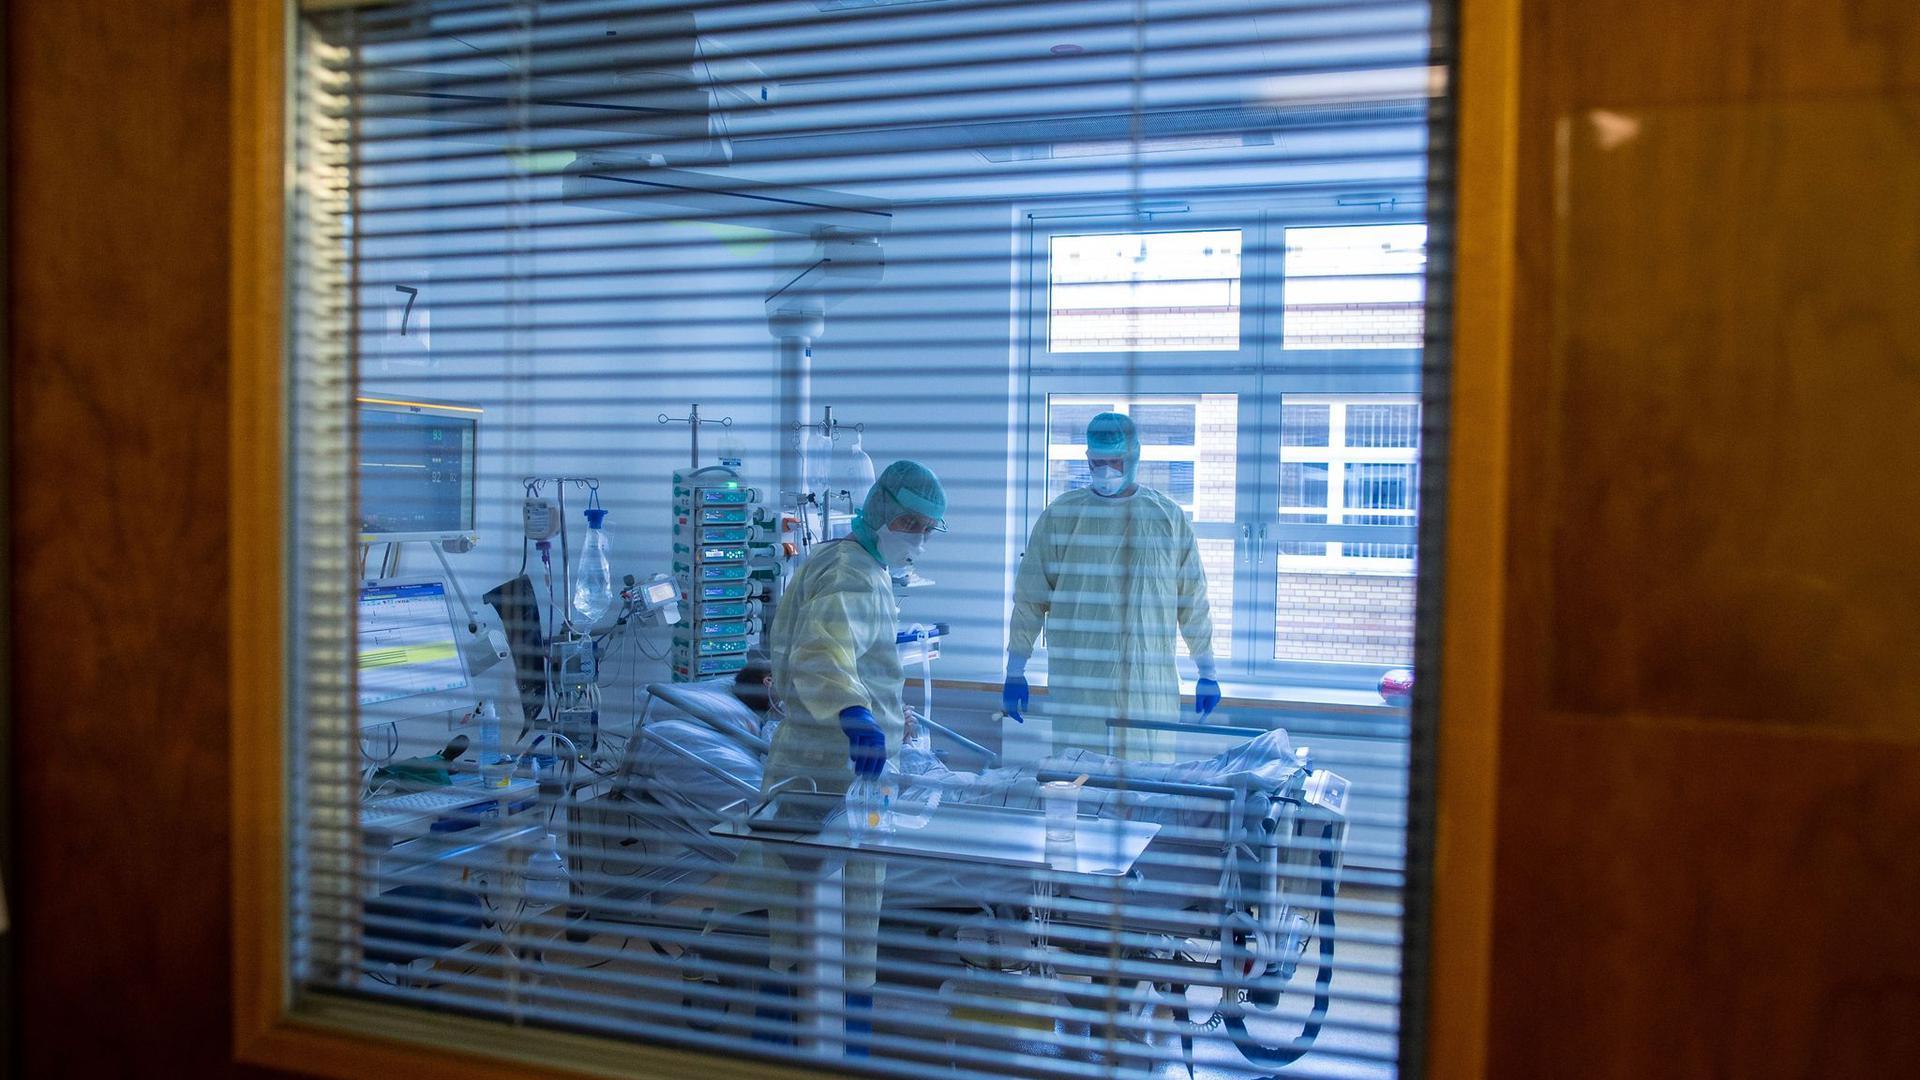 Akuter Ausnahmezustand: Auf der Intensivstation versorgen Mediziner und Pfleger einen an Covid-19 erkrankten Patienten.  Auch in Karlsruhe ist die Situation unverändert angespannt.